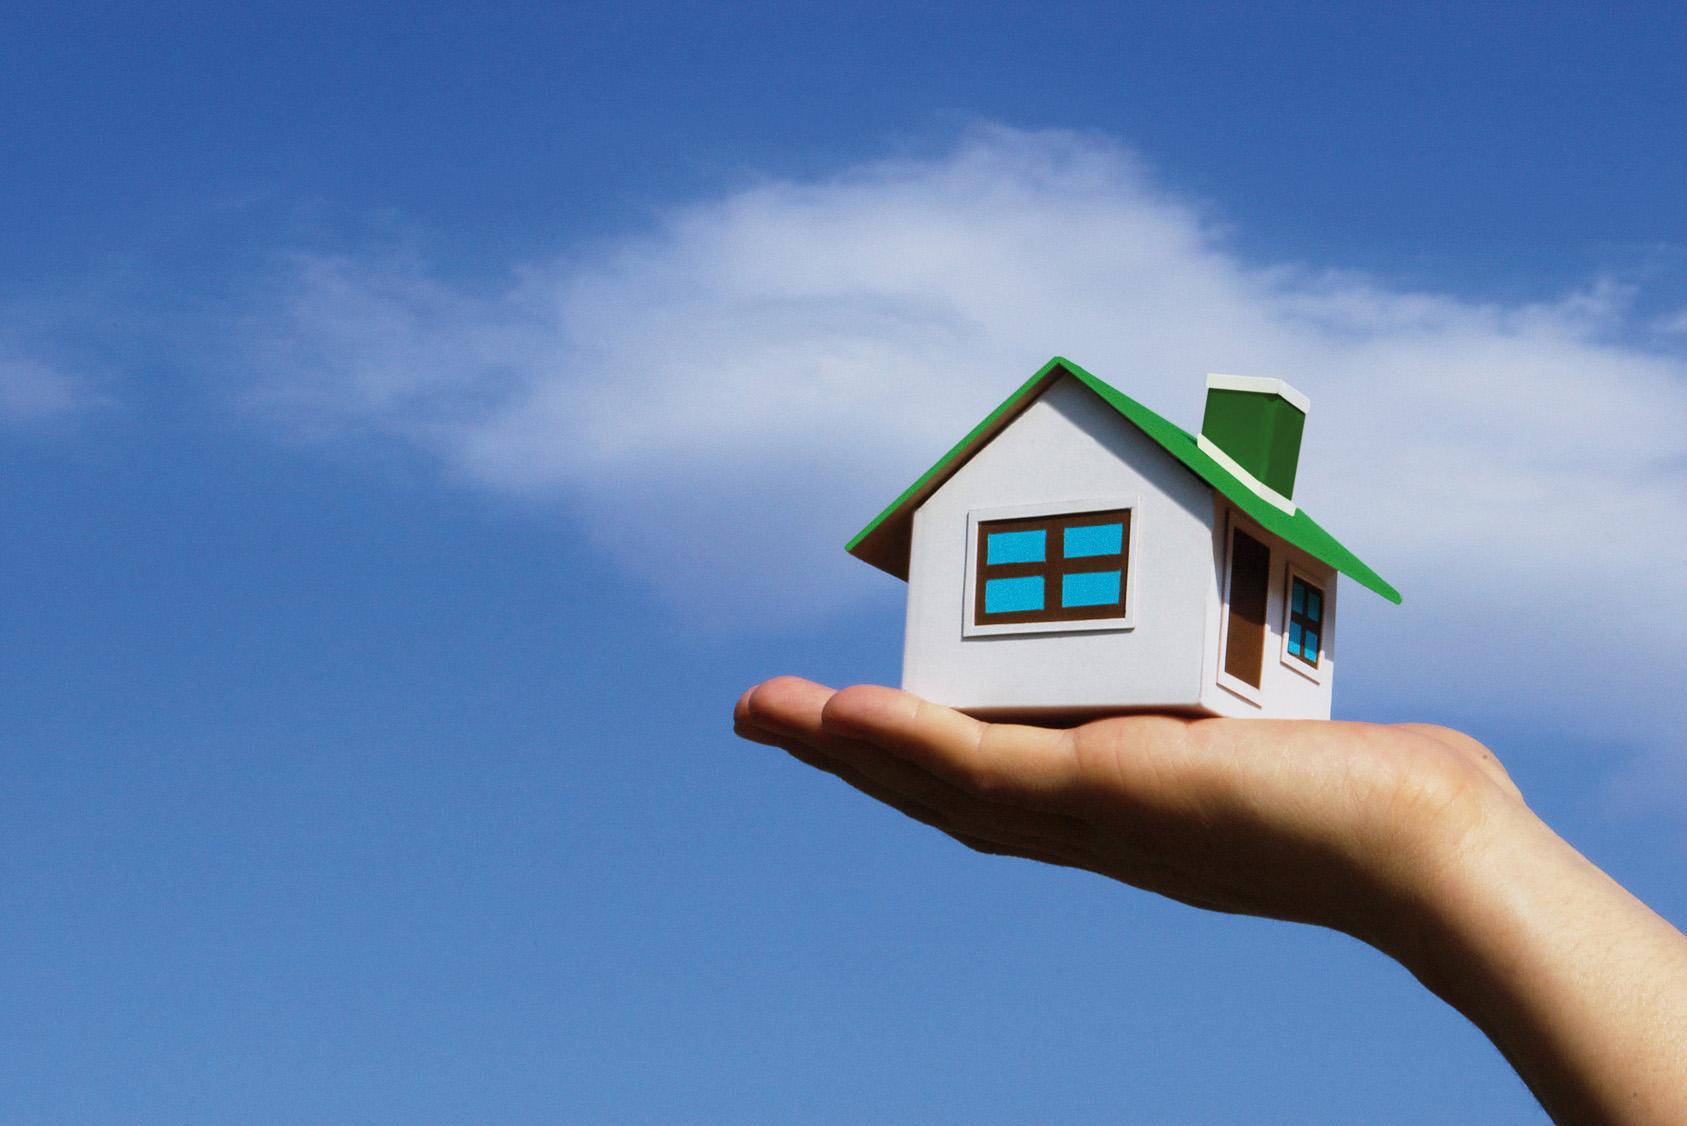 assurance-habitation.jpg